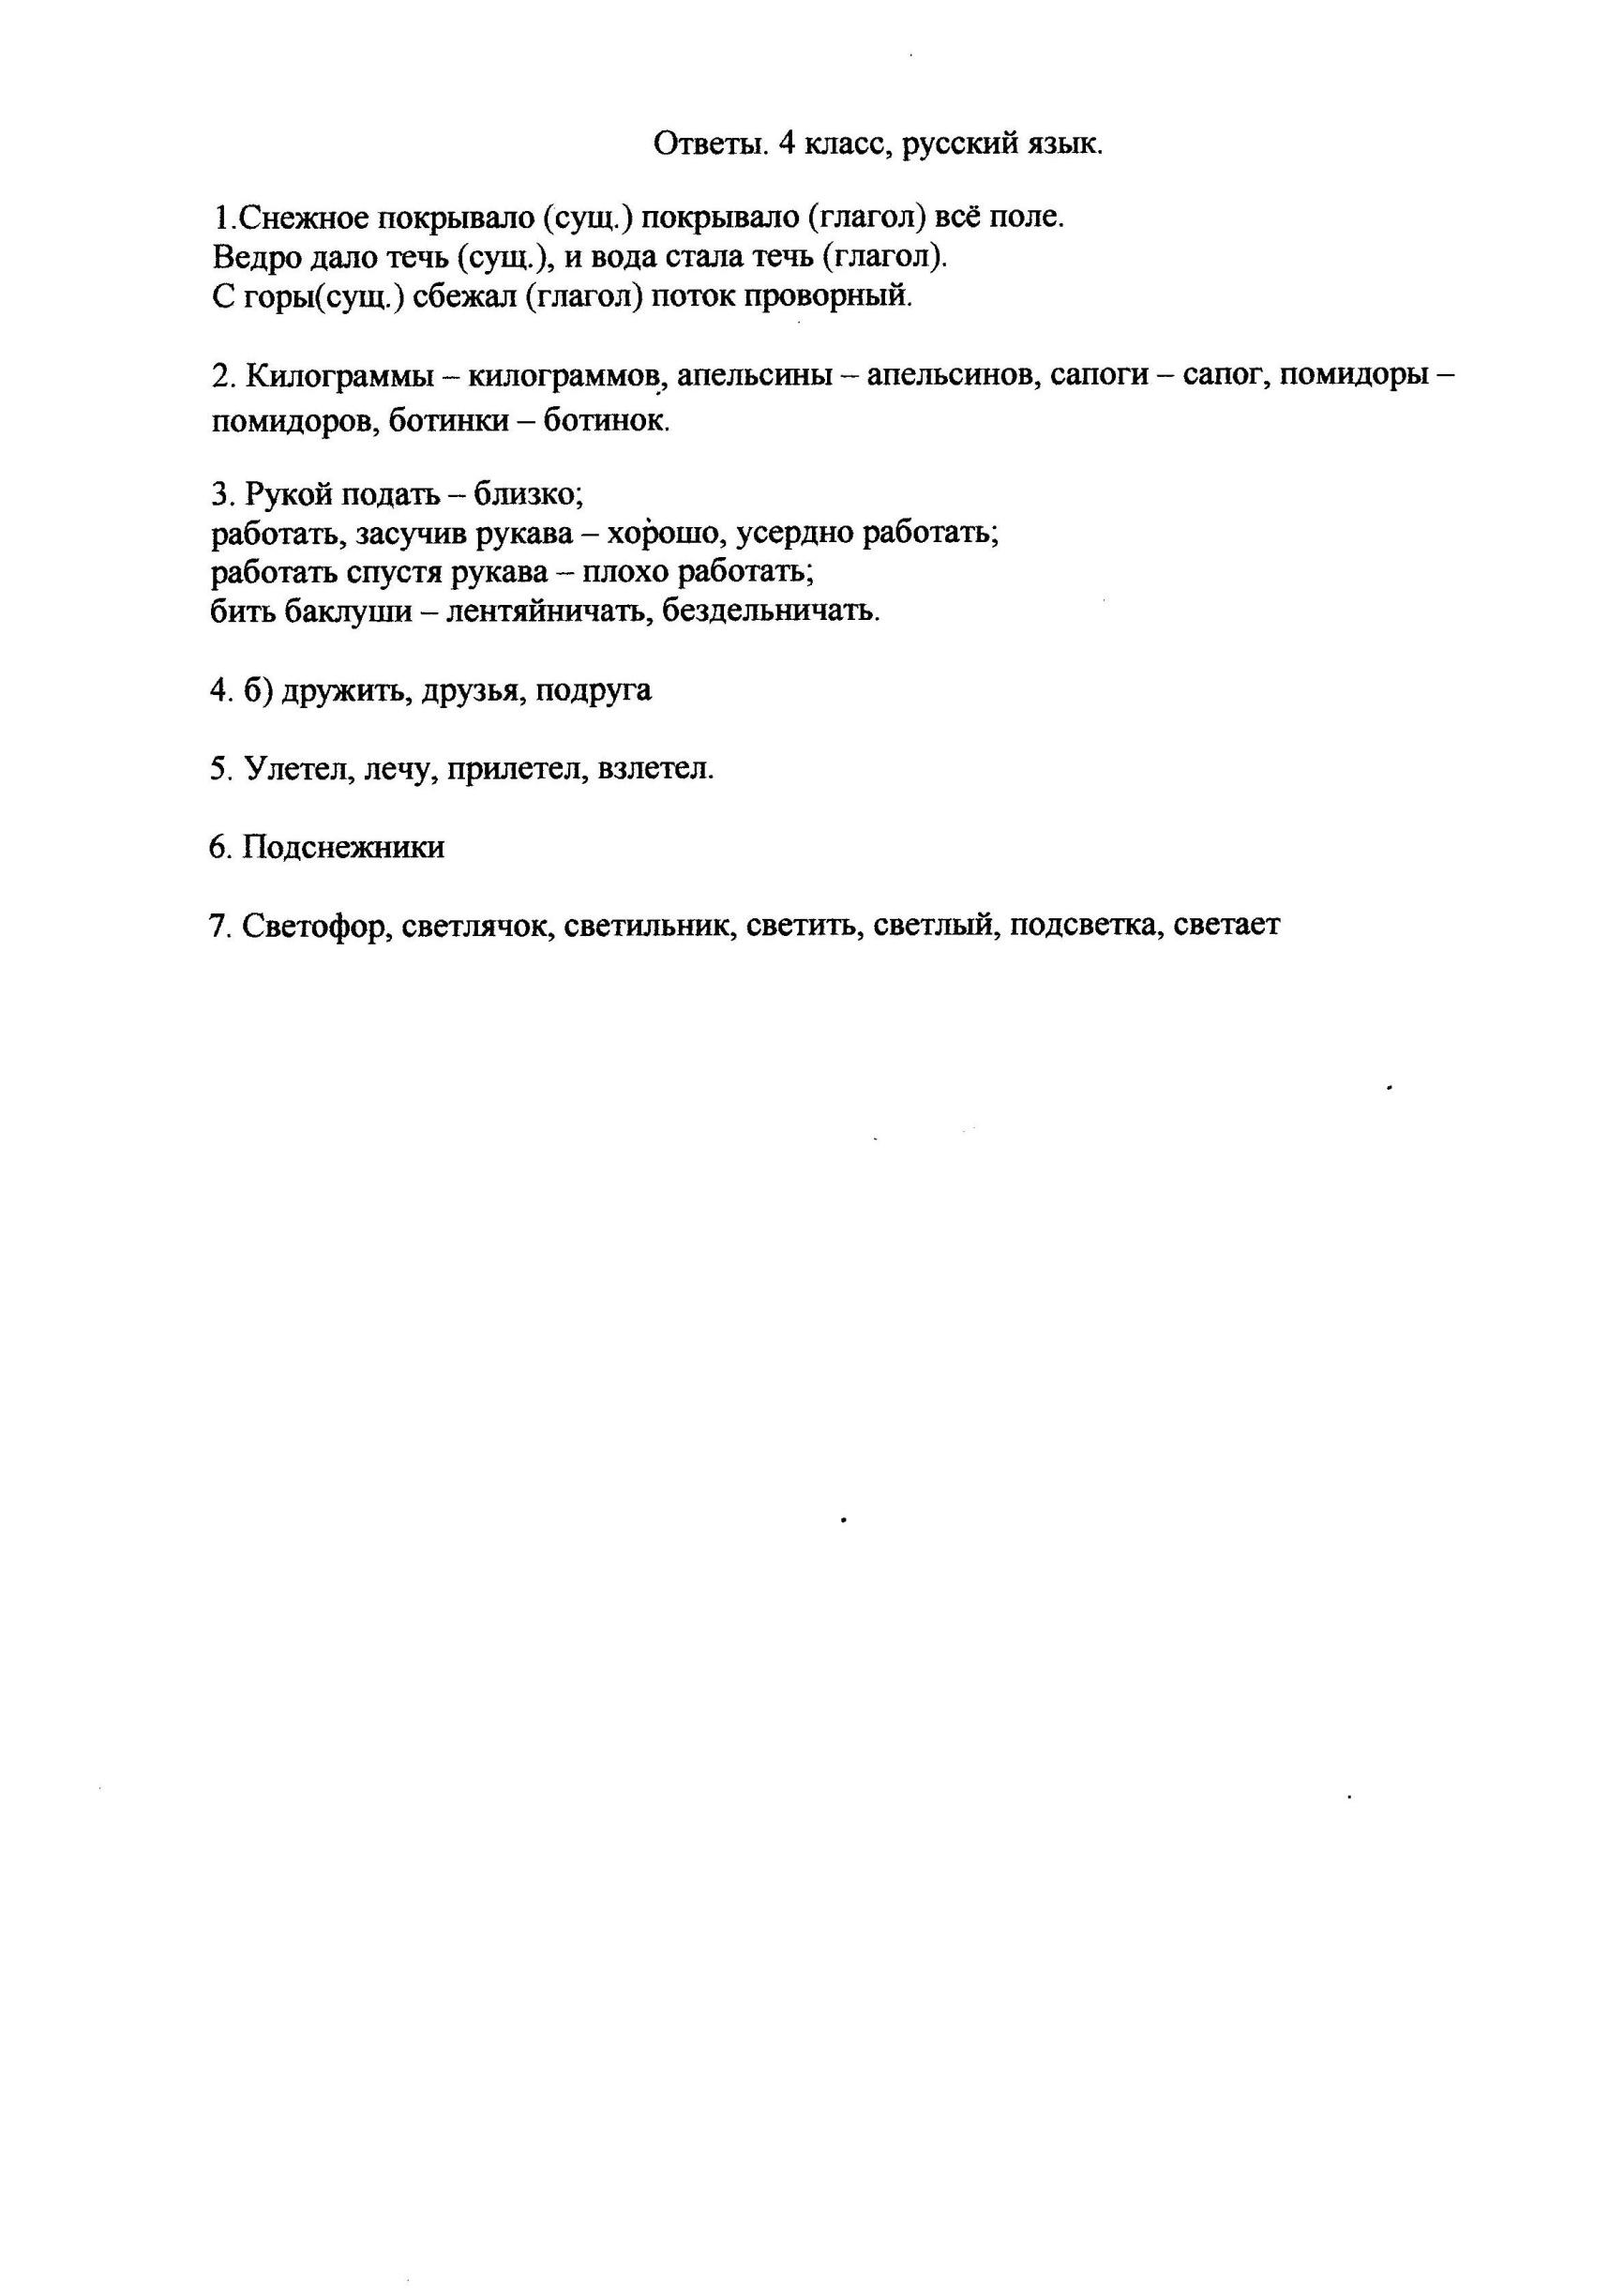 C:\Users\Эксперт\Documents\Интеллектуальный марафон2011\4 класс\Изображение 358.jpg